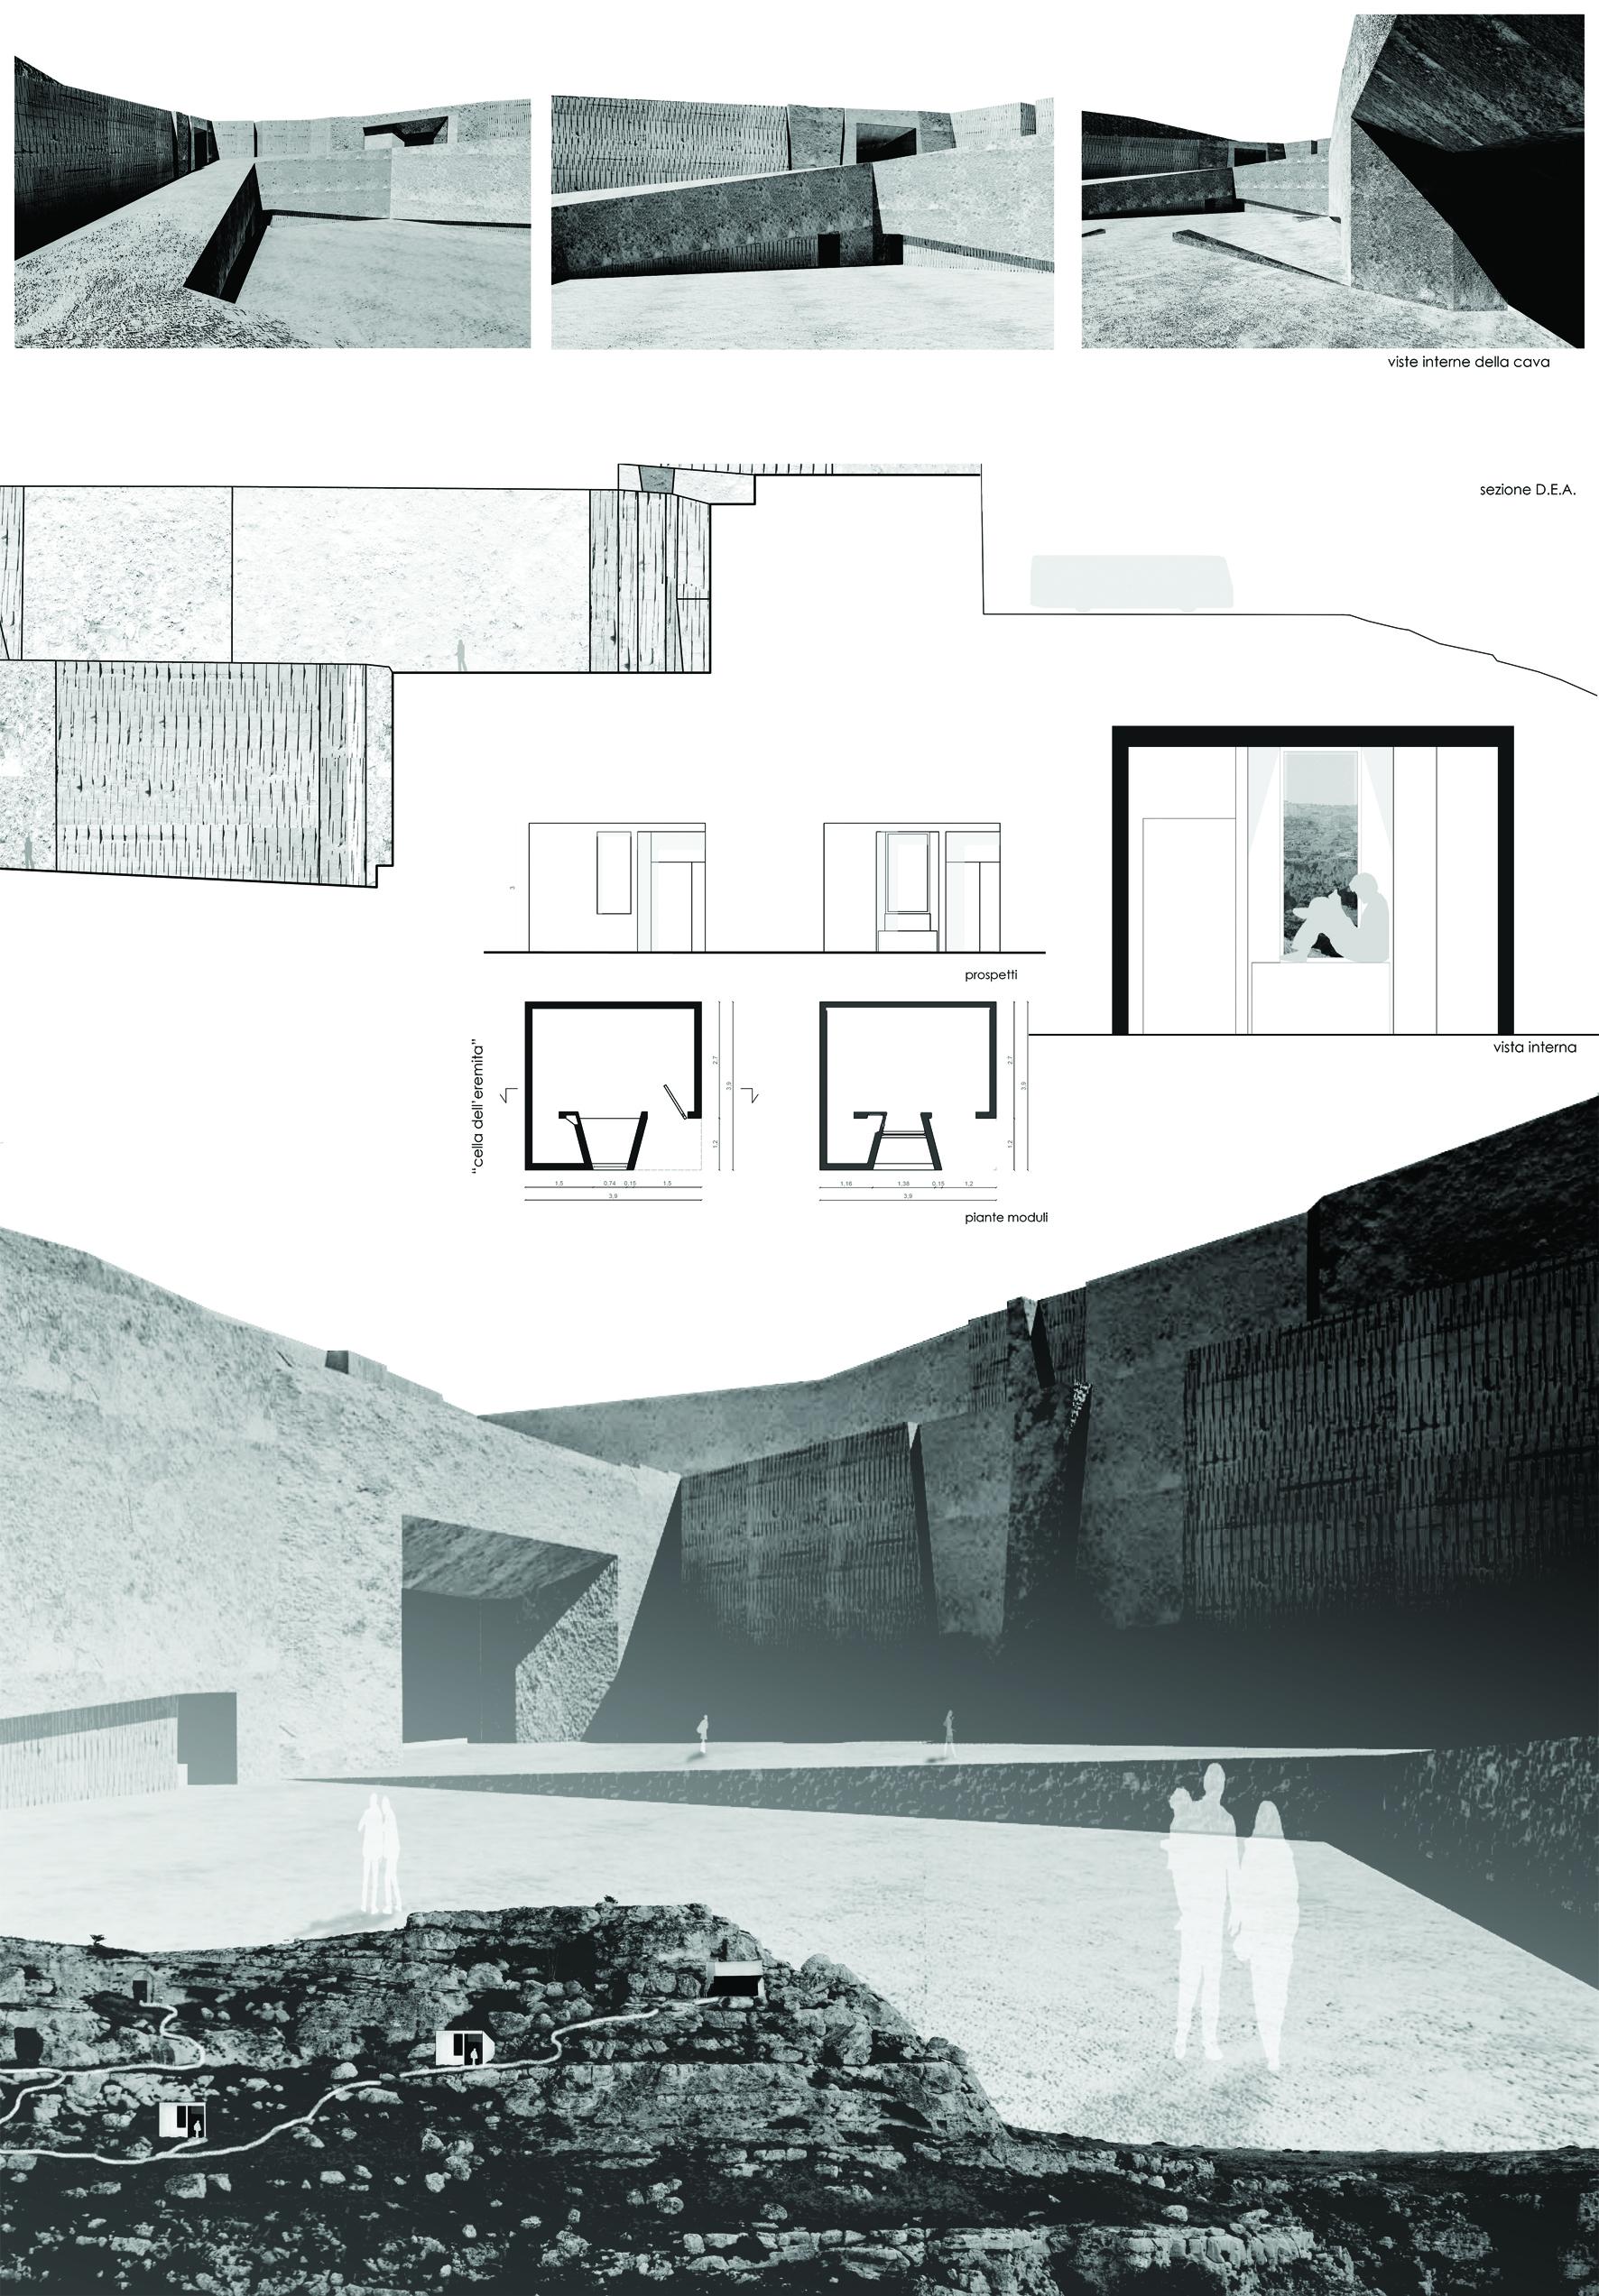 Progetti la citt scavata for Programma di architettura